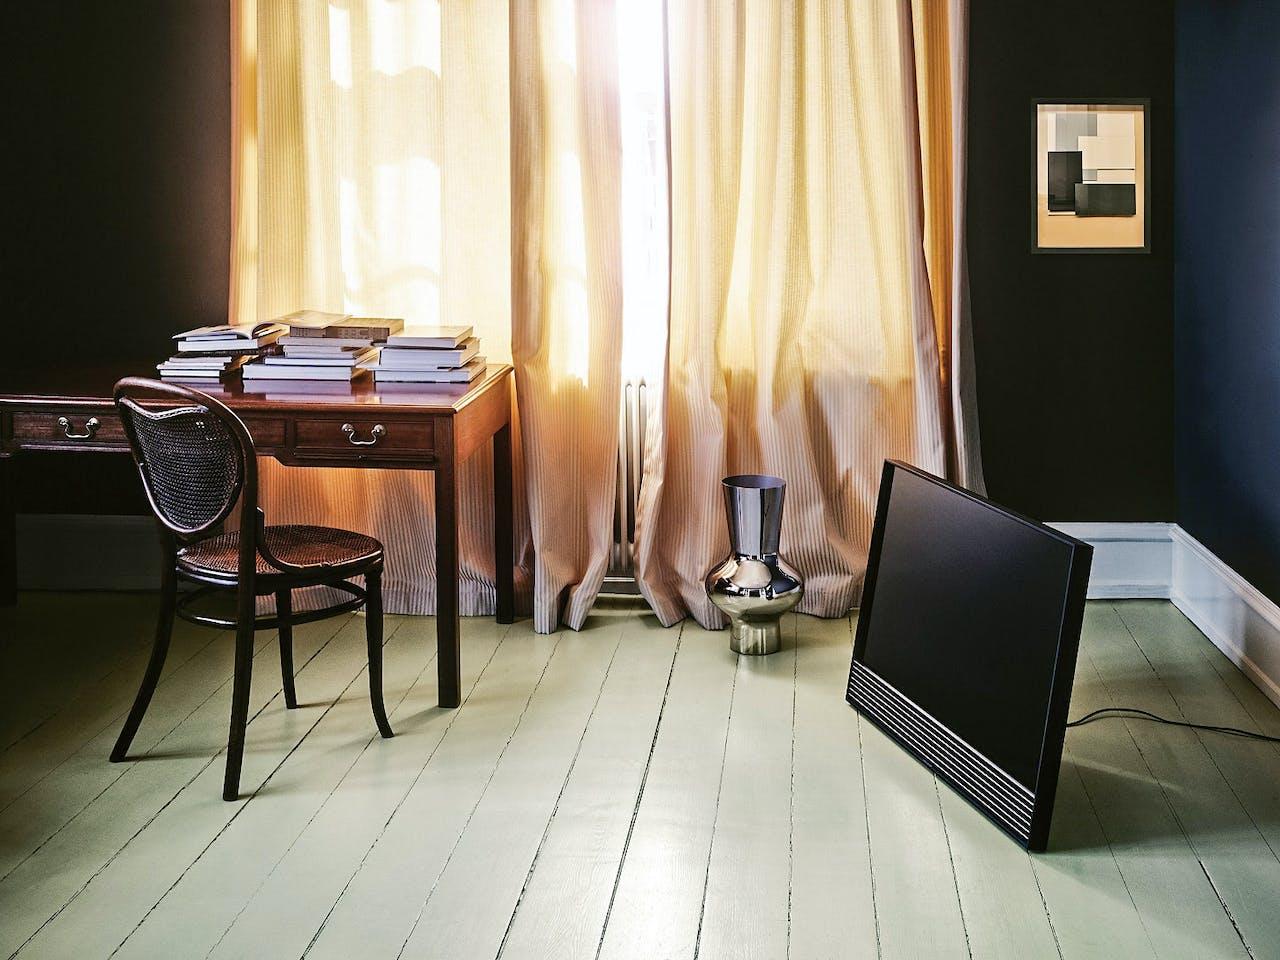 Prijs: €2995 (40 inch), €4395 (48 inch). Schildersezelstands, vloer-stands, wielstands en muurbeugels vanaf €265, bang-olufsen.com